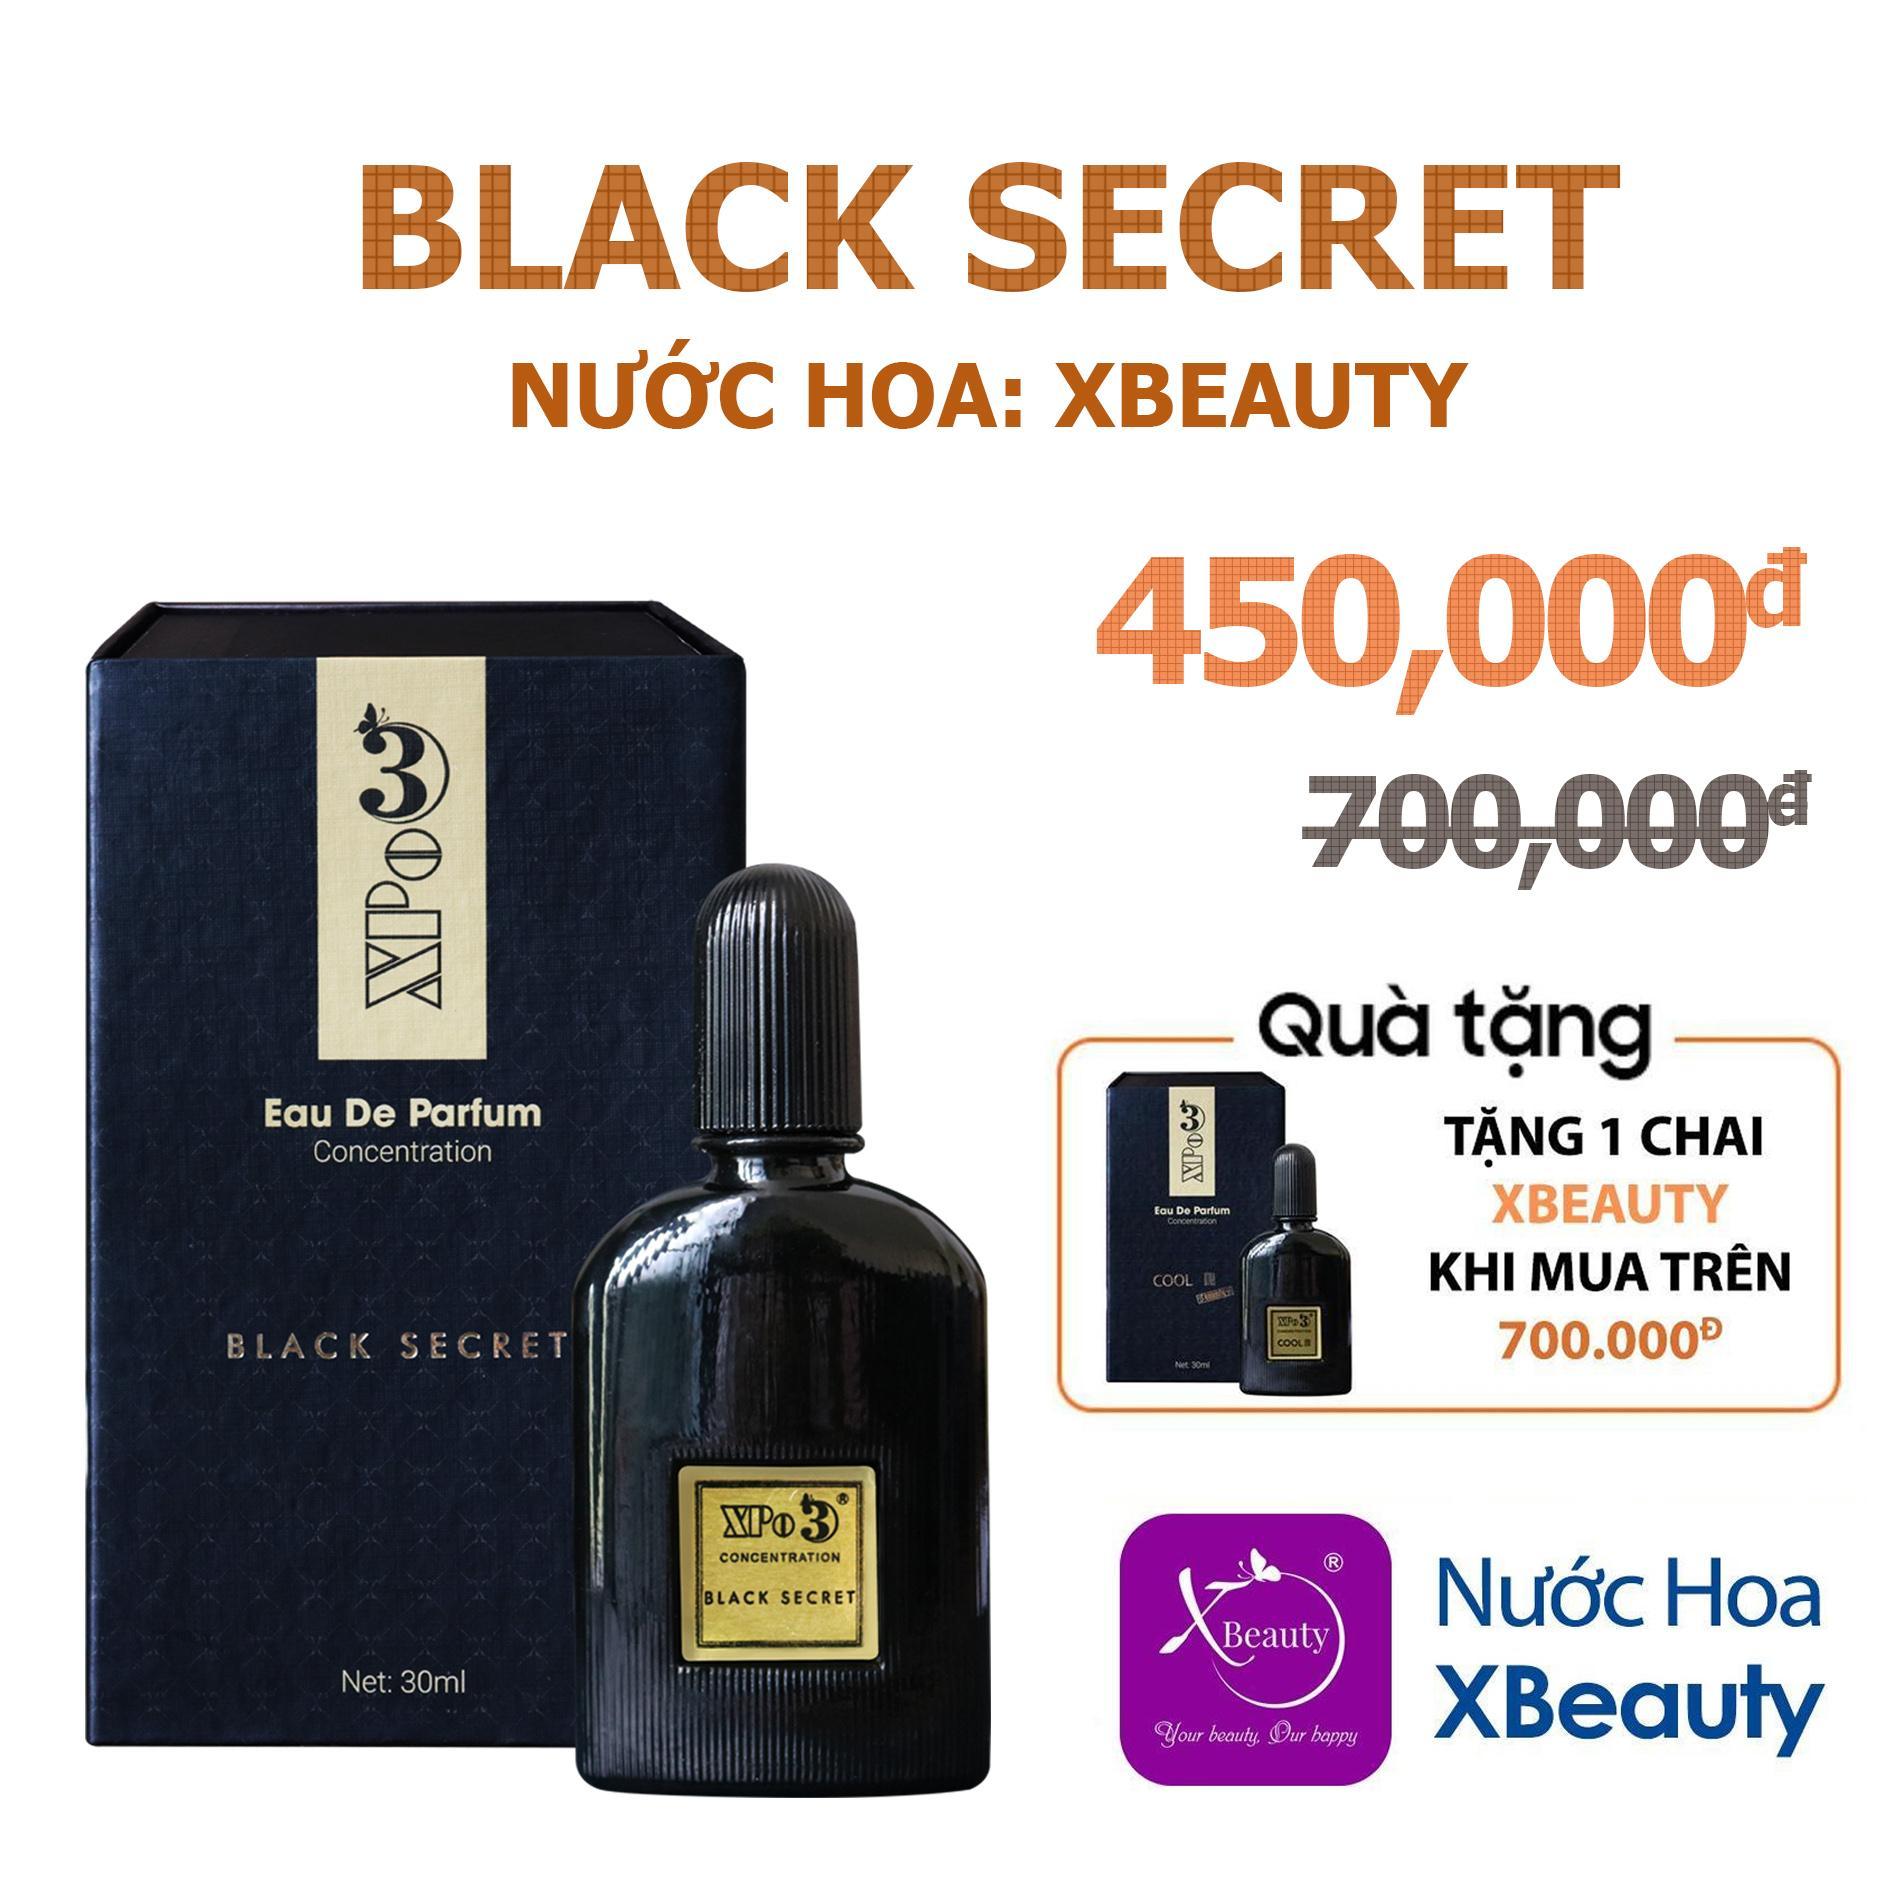 Nước hoa Nam XBeauty XPo3 Black Secret 30ml (GTIN: 8938511722109). Nước hoa cô đặc thơm lâu dành cho Nam nhập khẩu